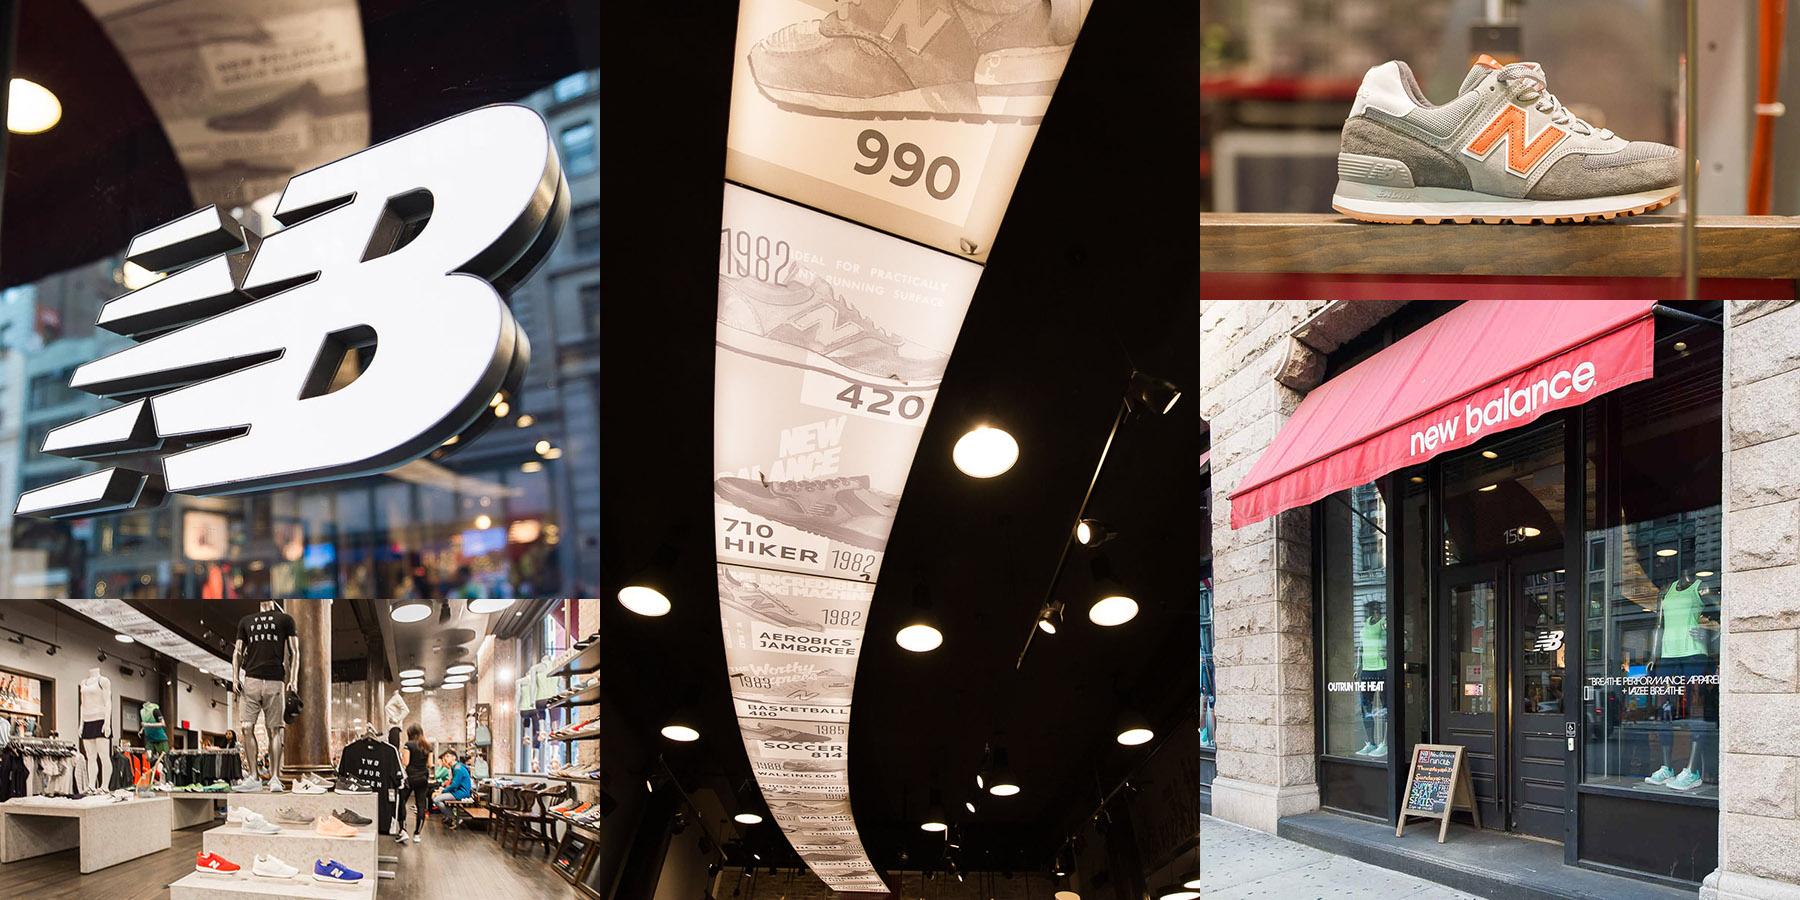 工鞋品牌_勘履直擊 / 經典與創新概念同步傳遞 New Balance New York City flatiron ...